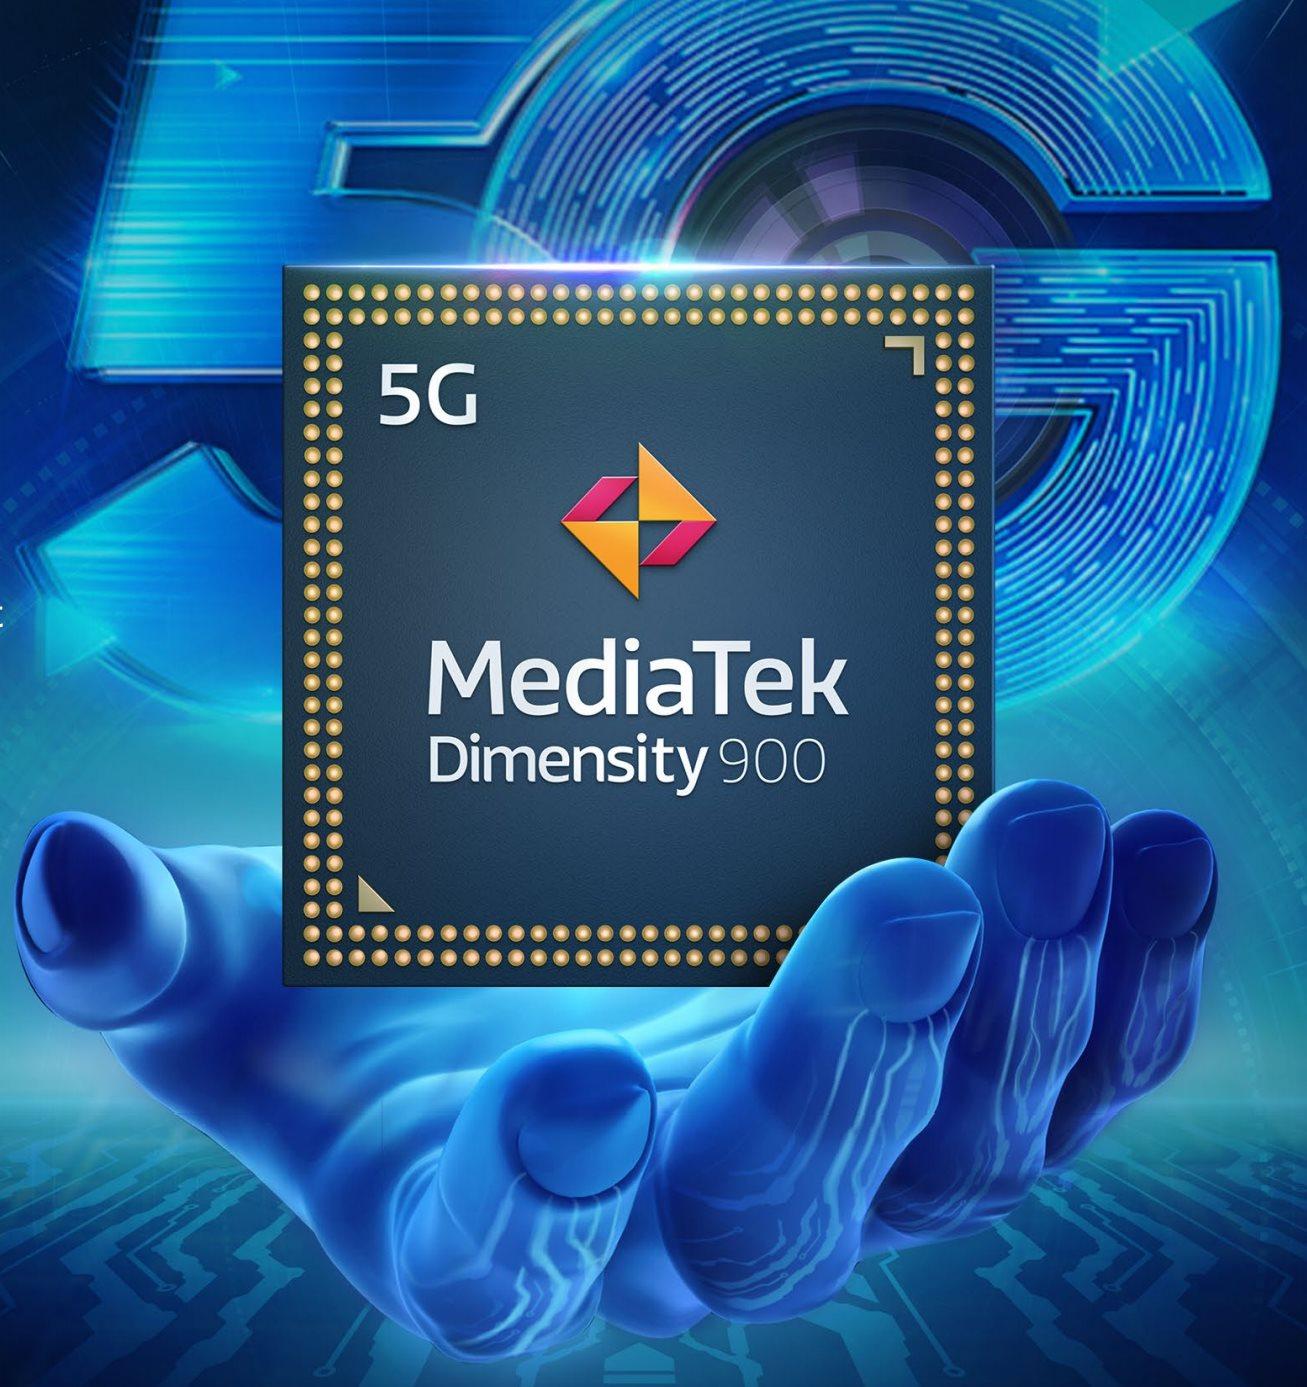 Le MediaTek Dimensity 900 5G arrive en 6 nm et promet du lourd pour les smartphones milieu de gamme